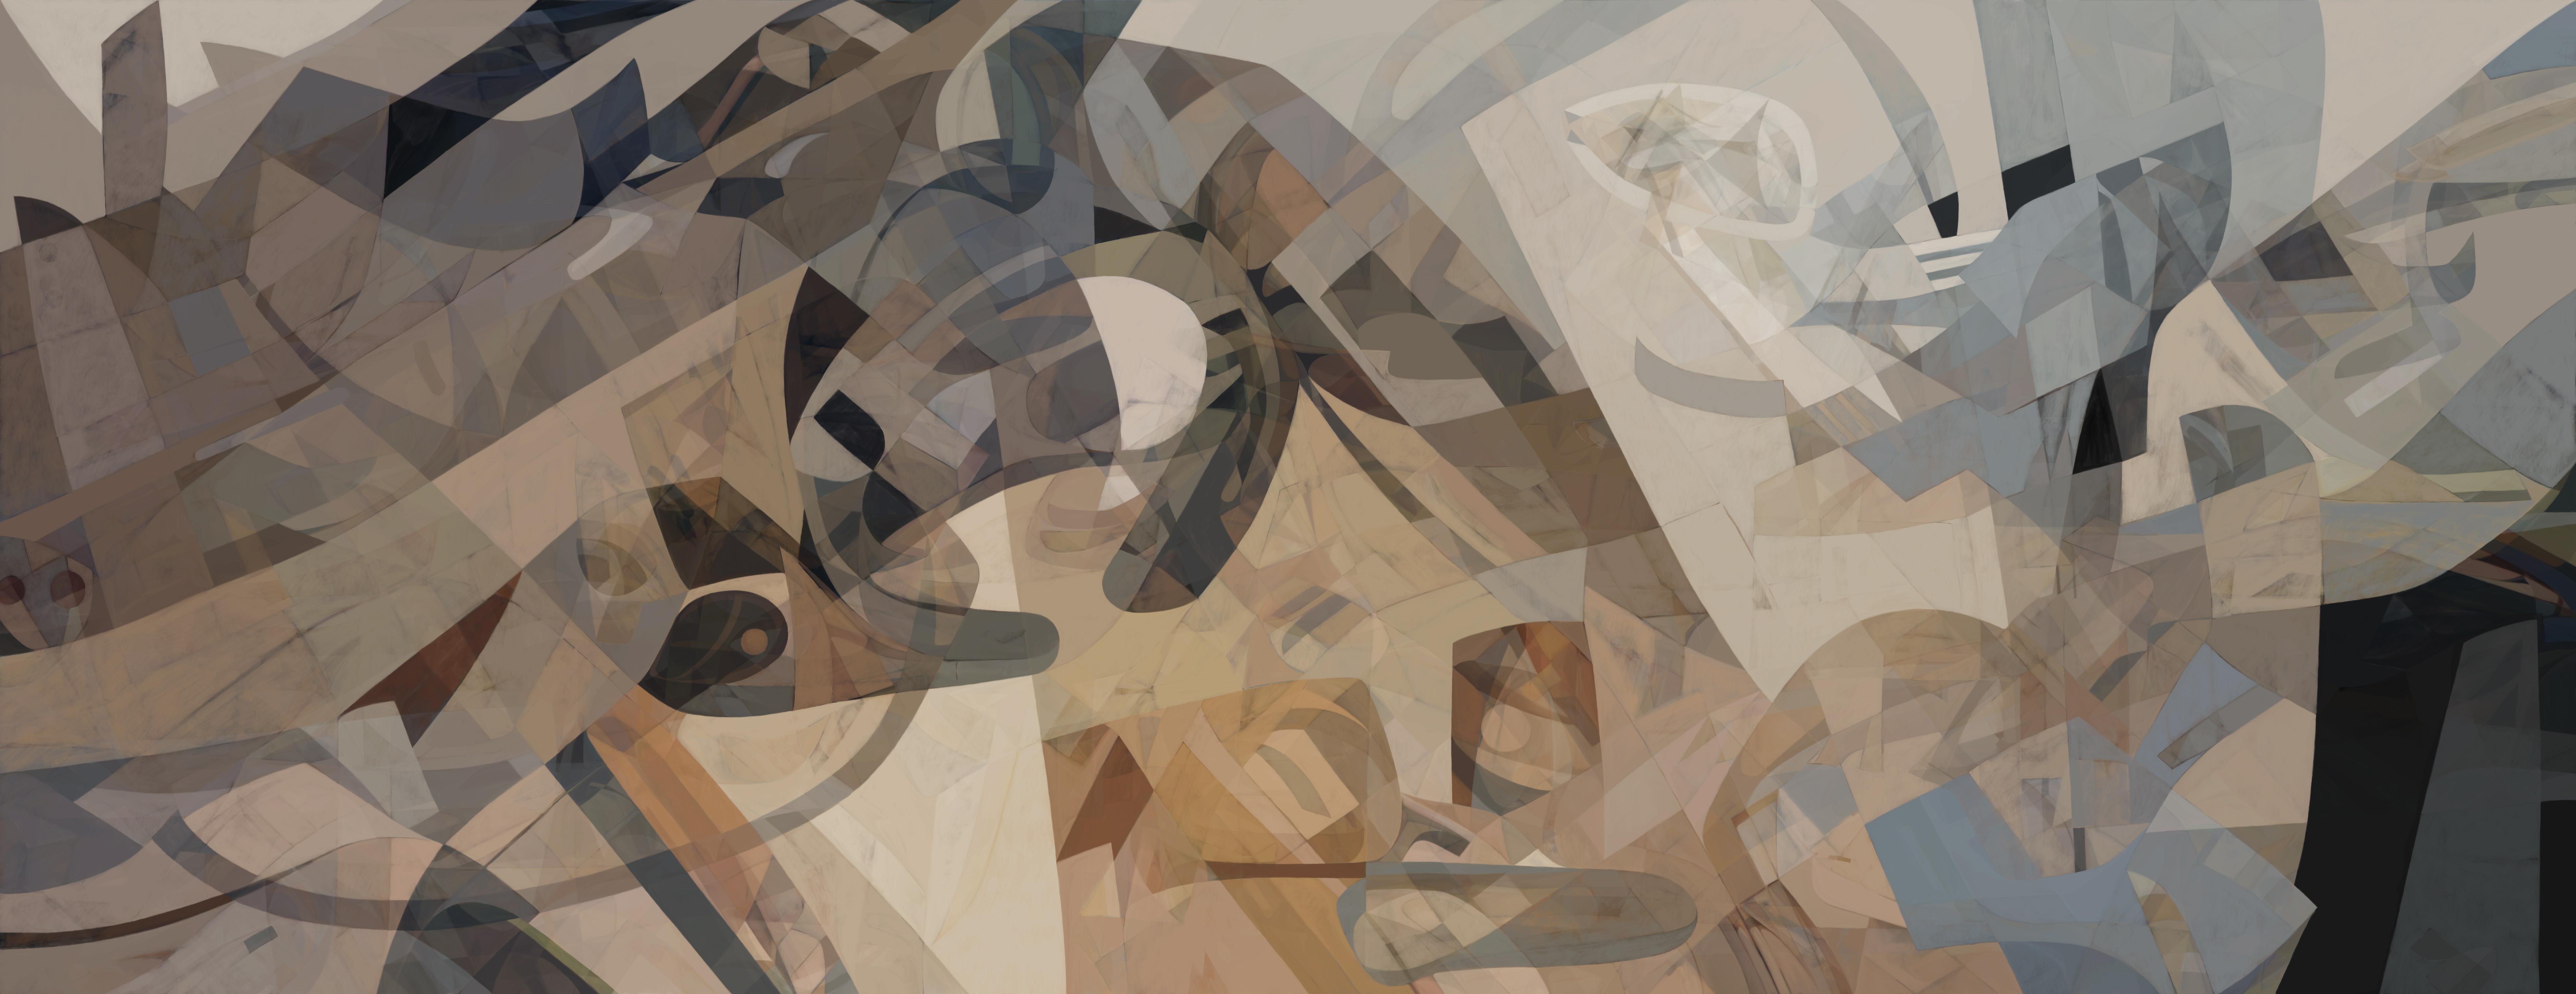 Scapa Flow - Elegy II